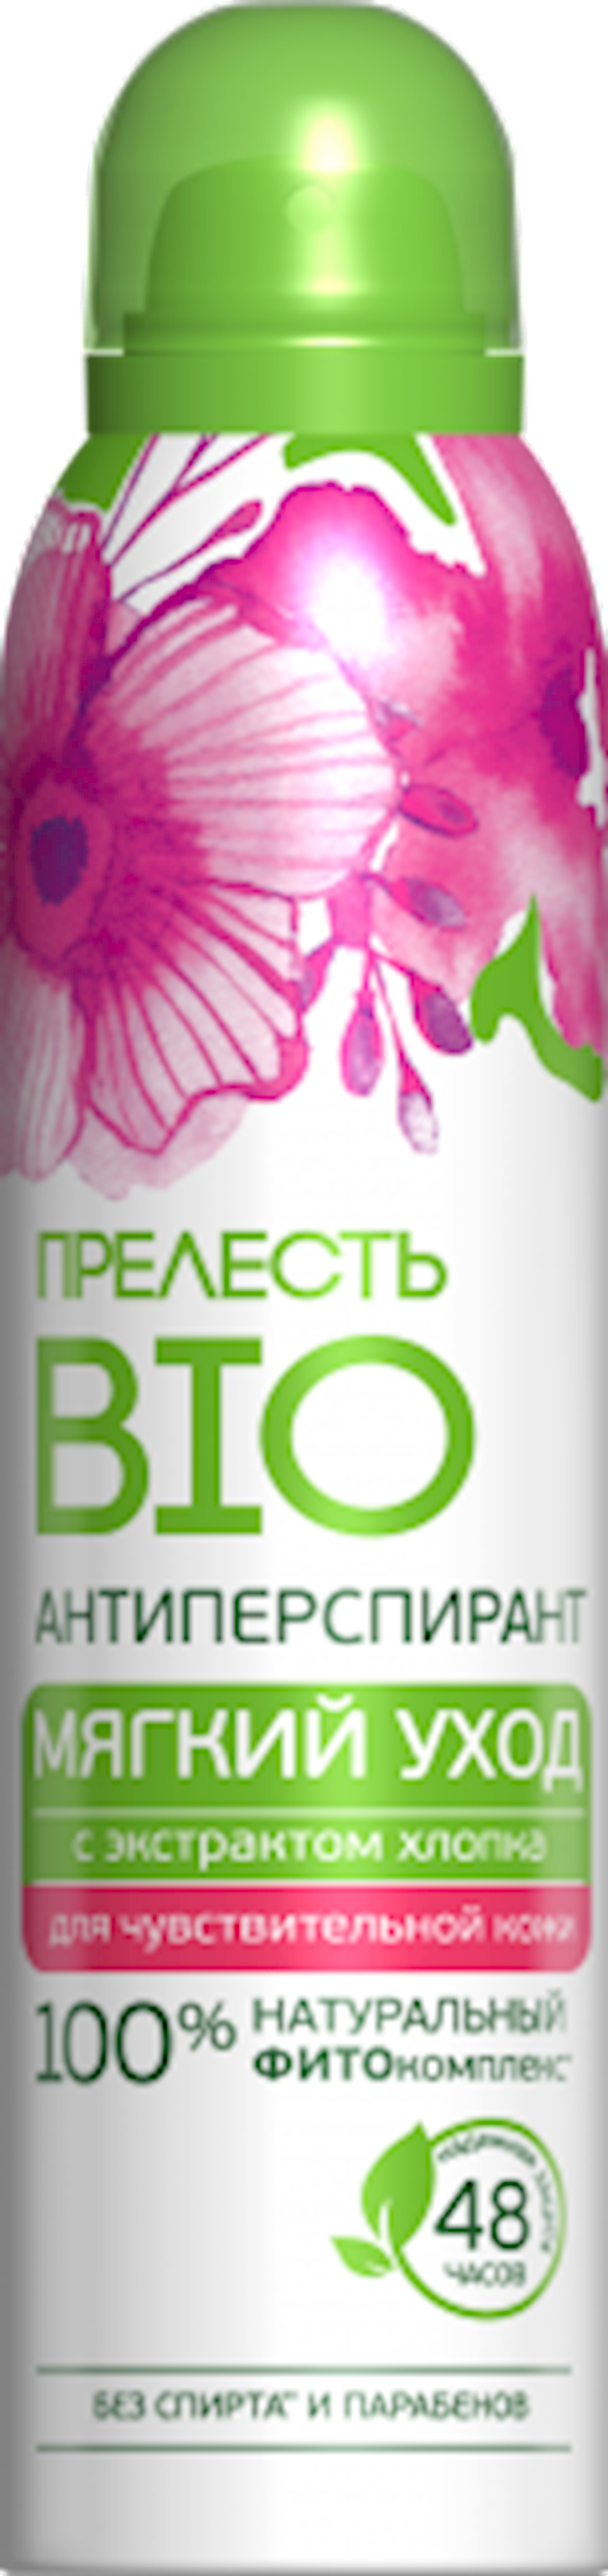 Antiperspirant Прелесть Bio Yumşaq baxım 160 ml